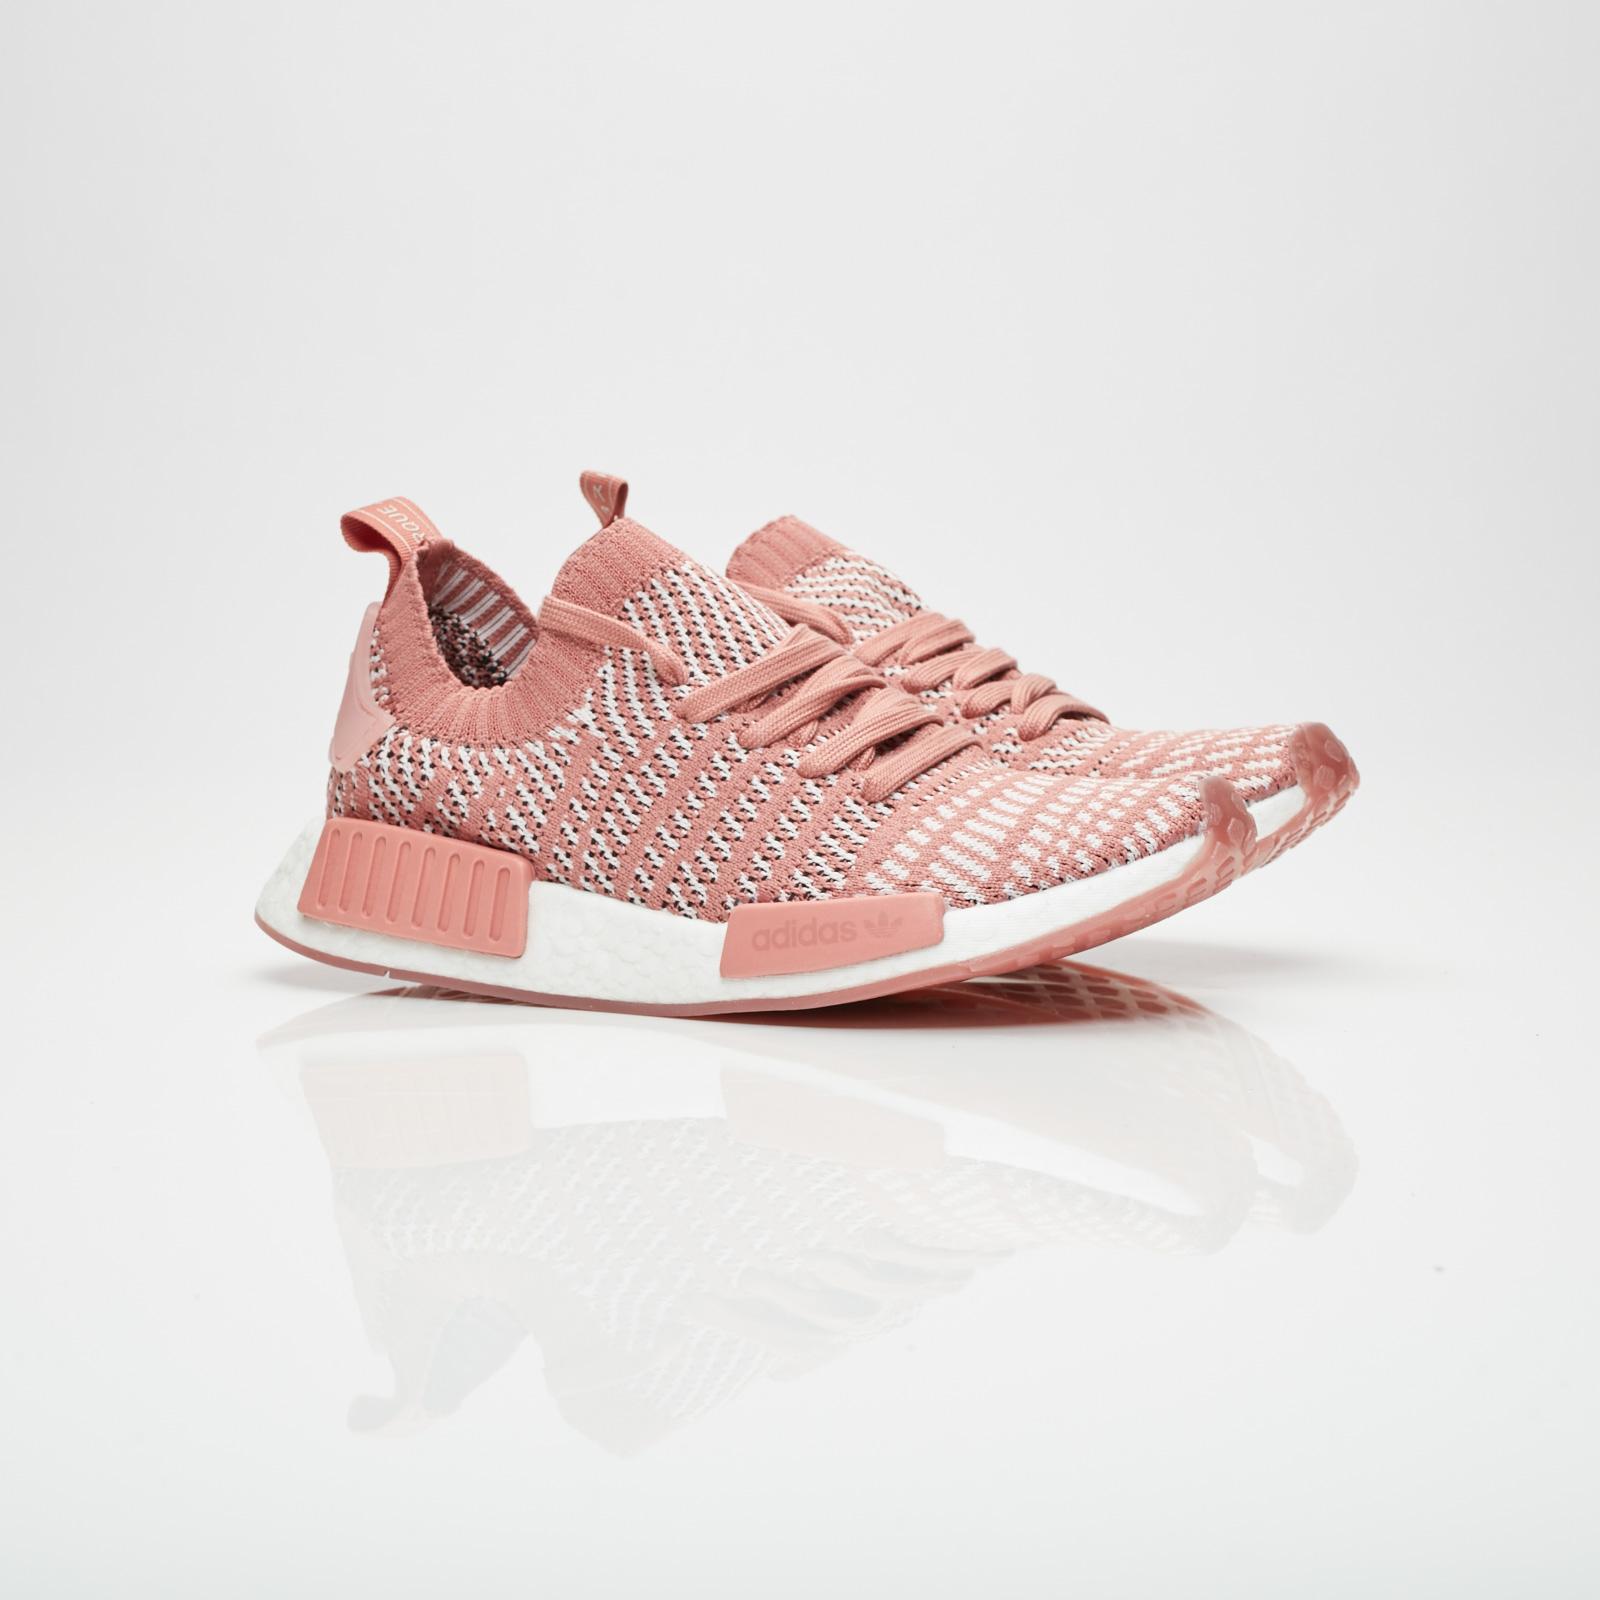 b5d47d3bc adidas NMD R1 STLT Primeknit Womens - Cq2028 - Sneakersnstuff ...